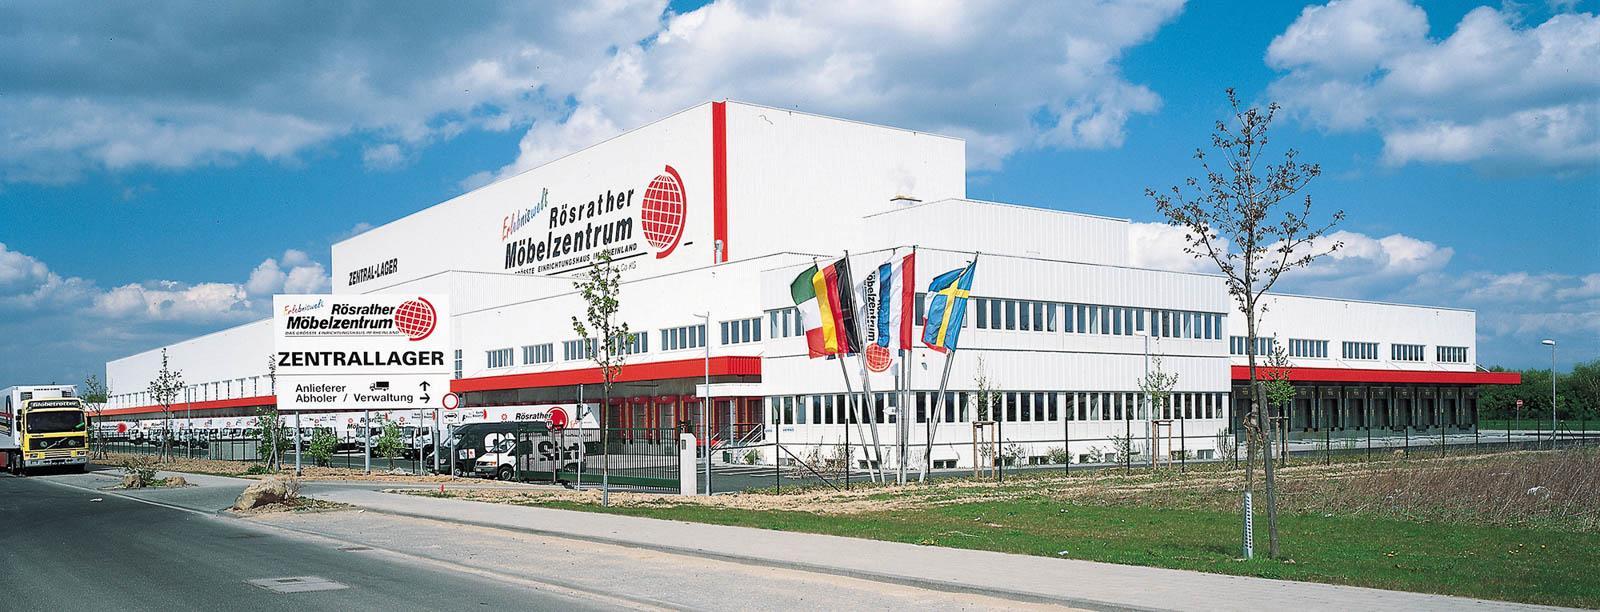 36b42f07230f31 ᐅ öffnungszeiten Möbelzentrum Birkenfeld Industriestr 45 In. Jochen Brill  Hallen U Industriebau Gmbh Brill Hochregallager